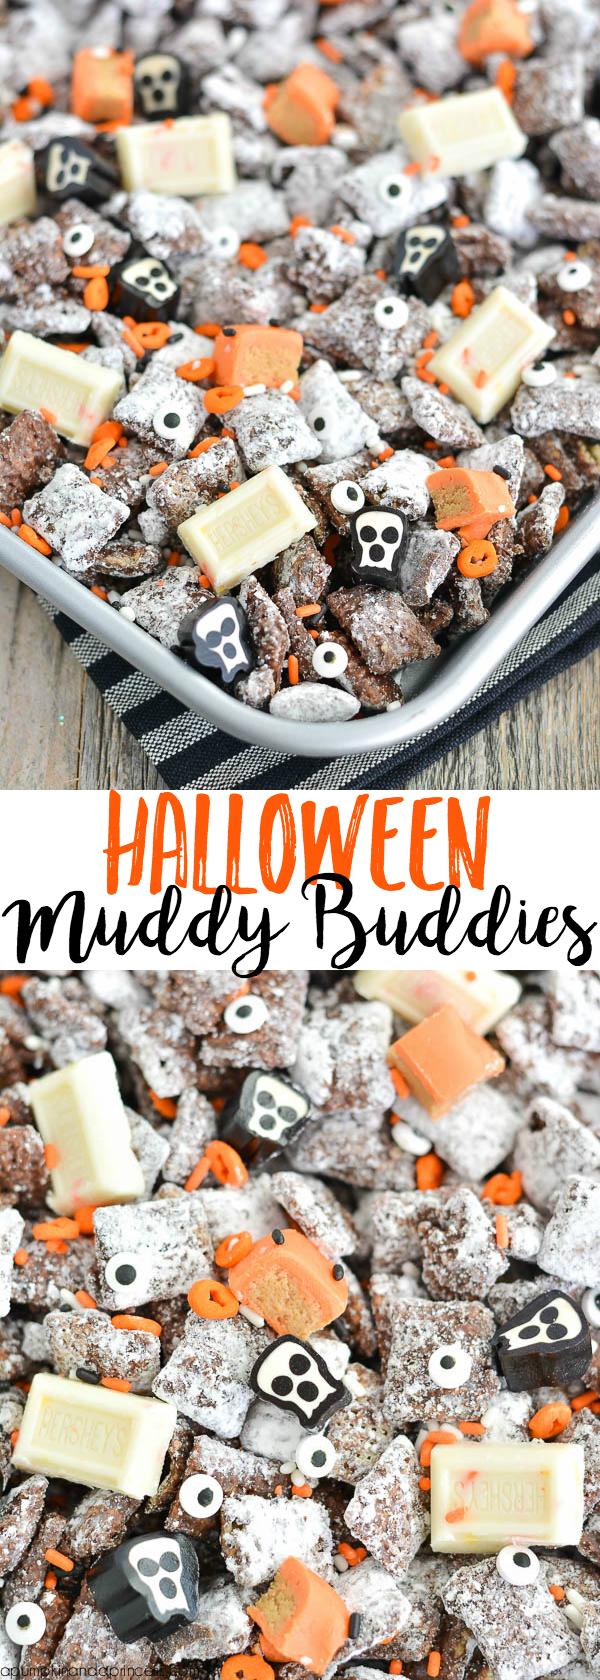 Halloween Muddy Buddies, by A Pumpkin & A Princess